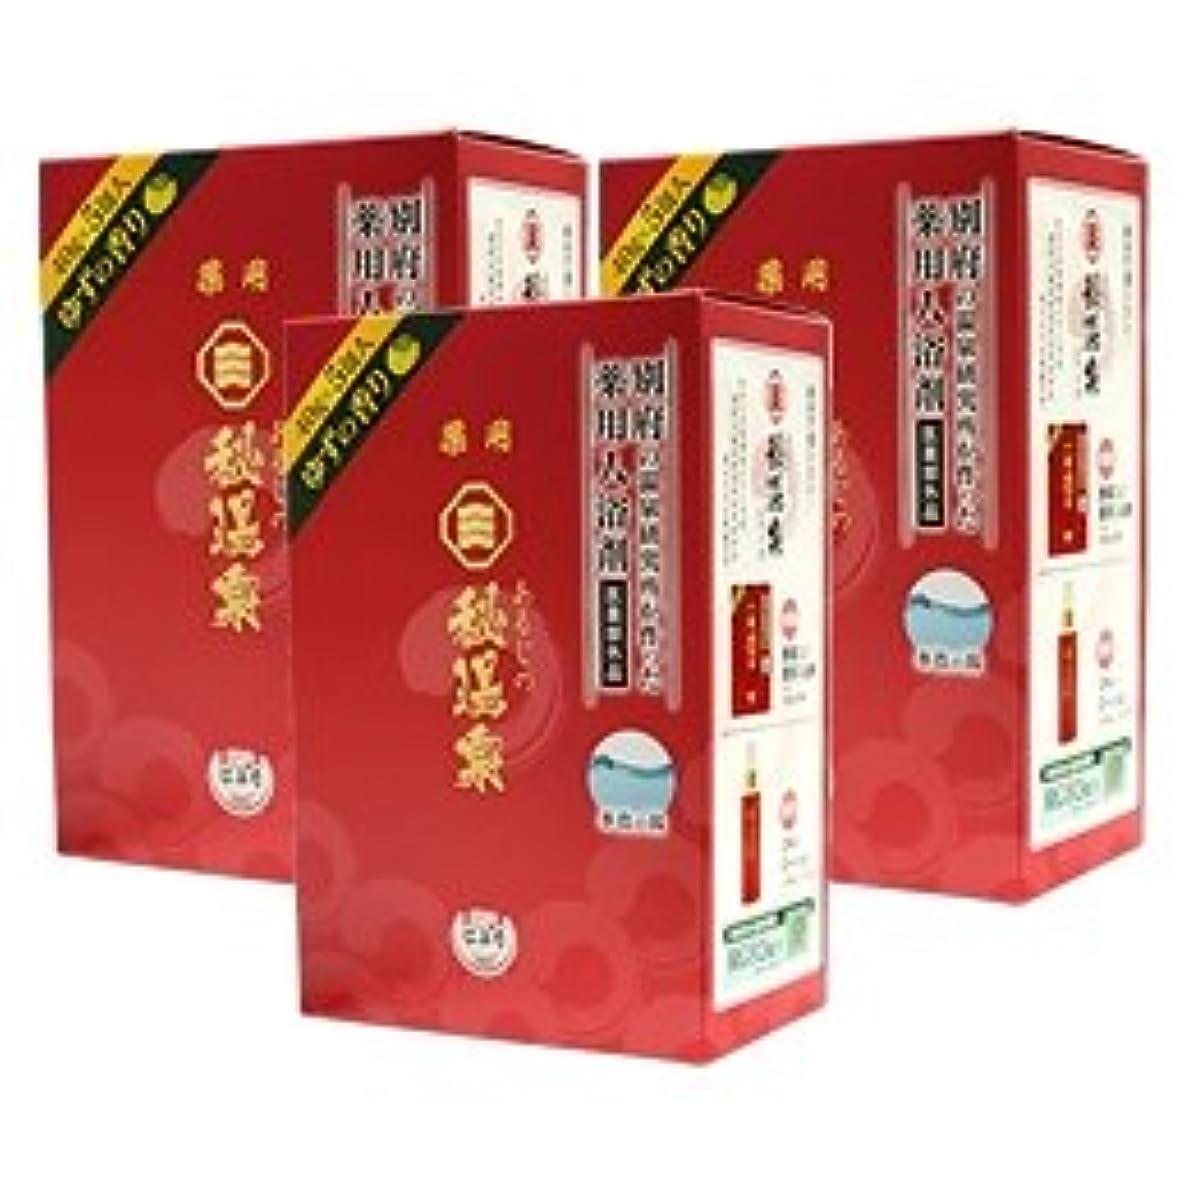 同行ハプニング法的薬用入浴剤 あるじの秘湯泉 ×3箱(1箱5包入り)セット